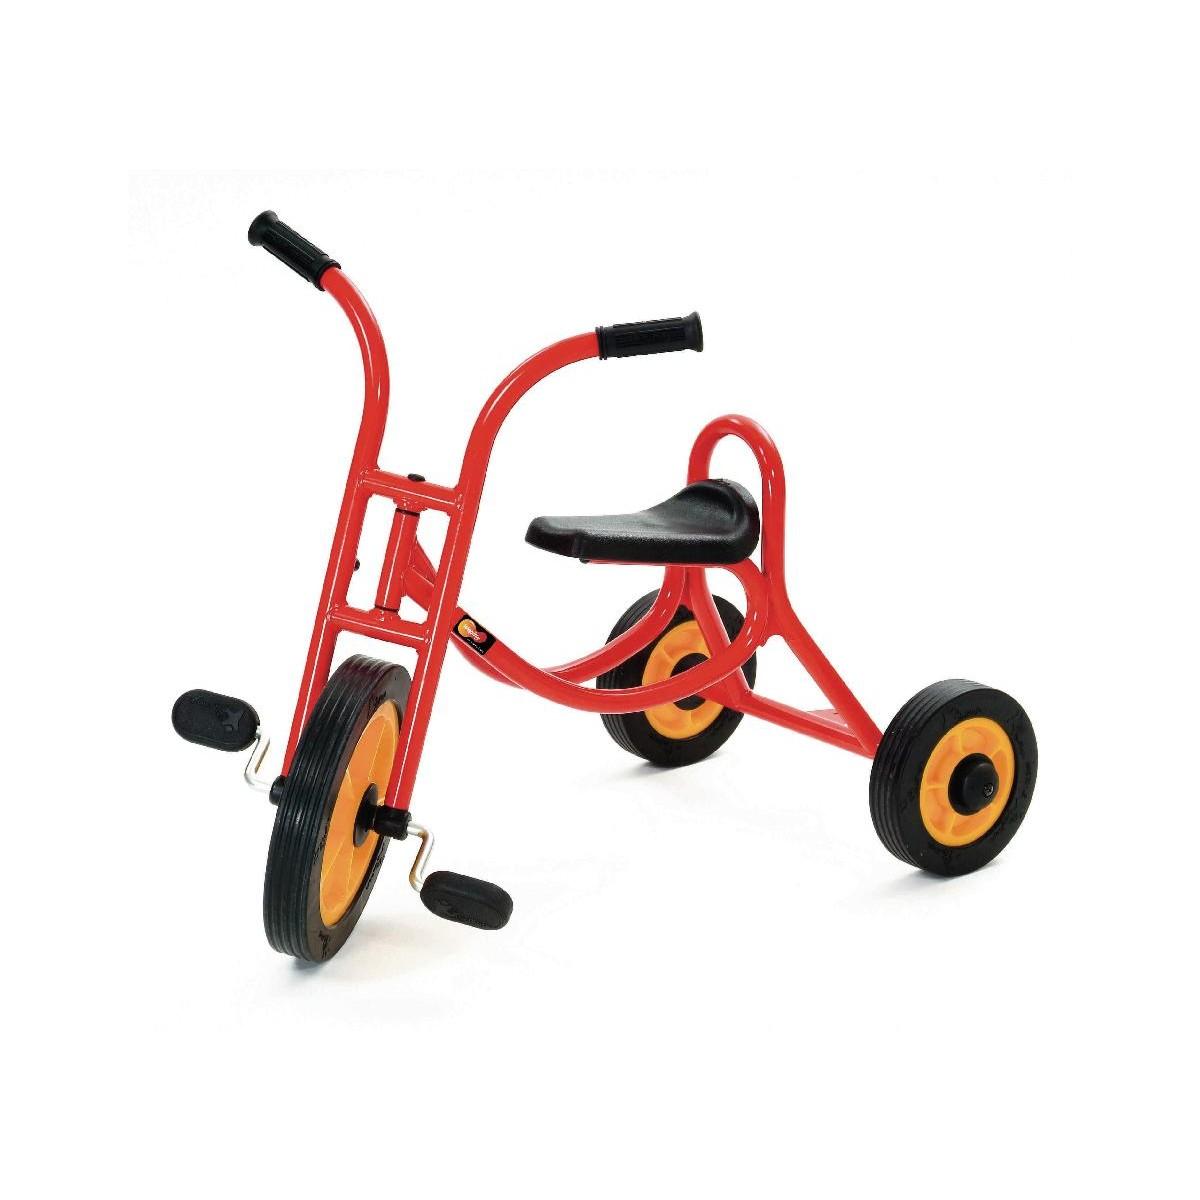 Dreirad, groß in Kindergartenqualität